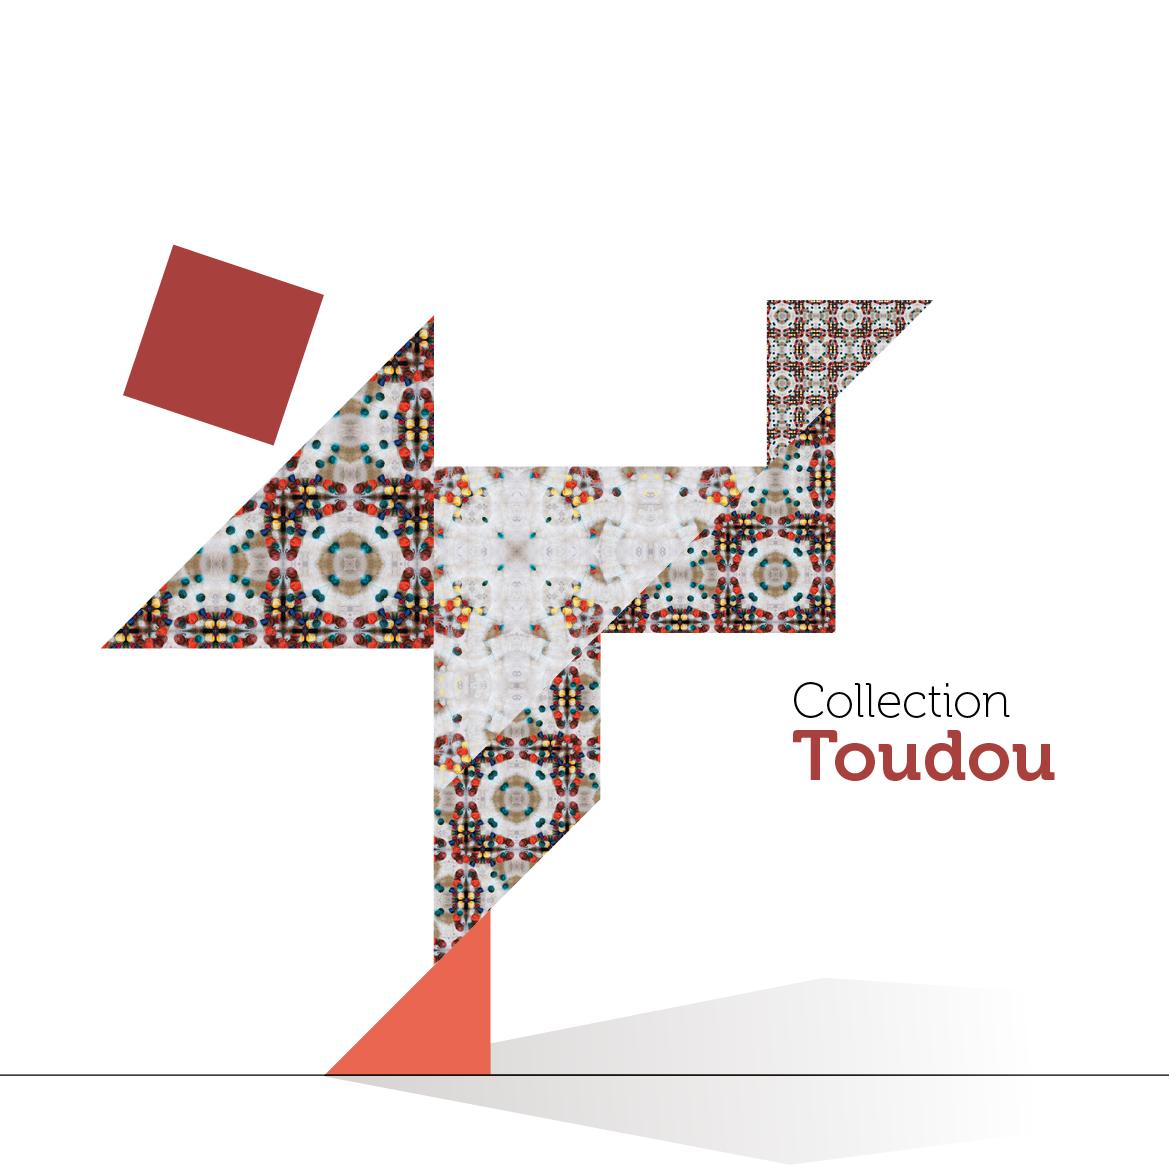 Toudoux